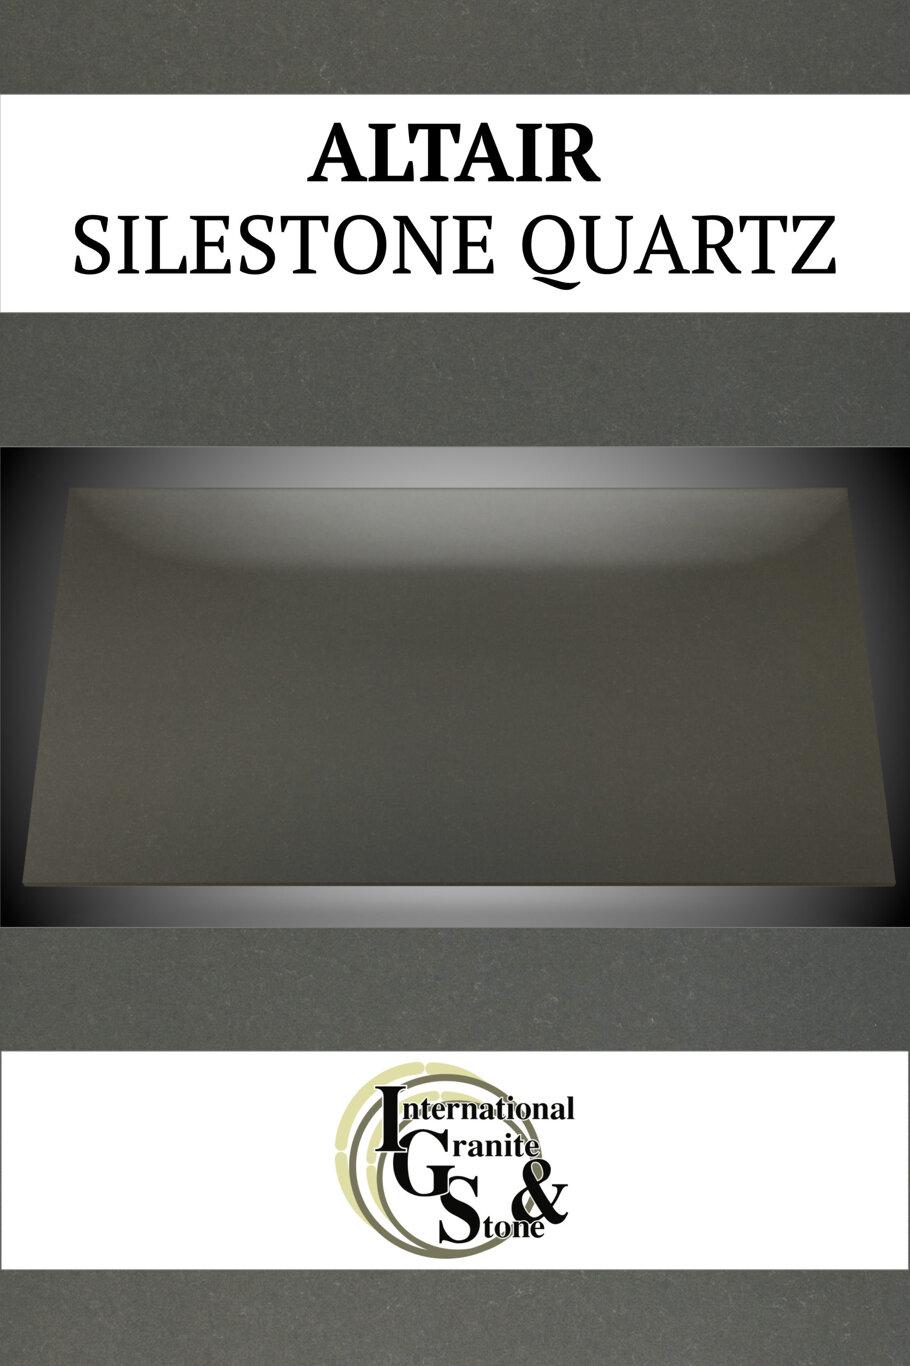 Altair Silestone Quartz Countertops